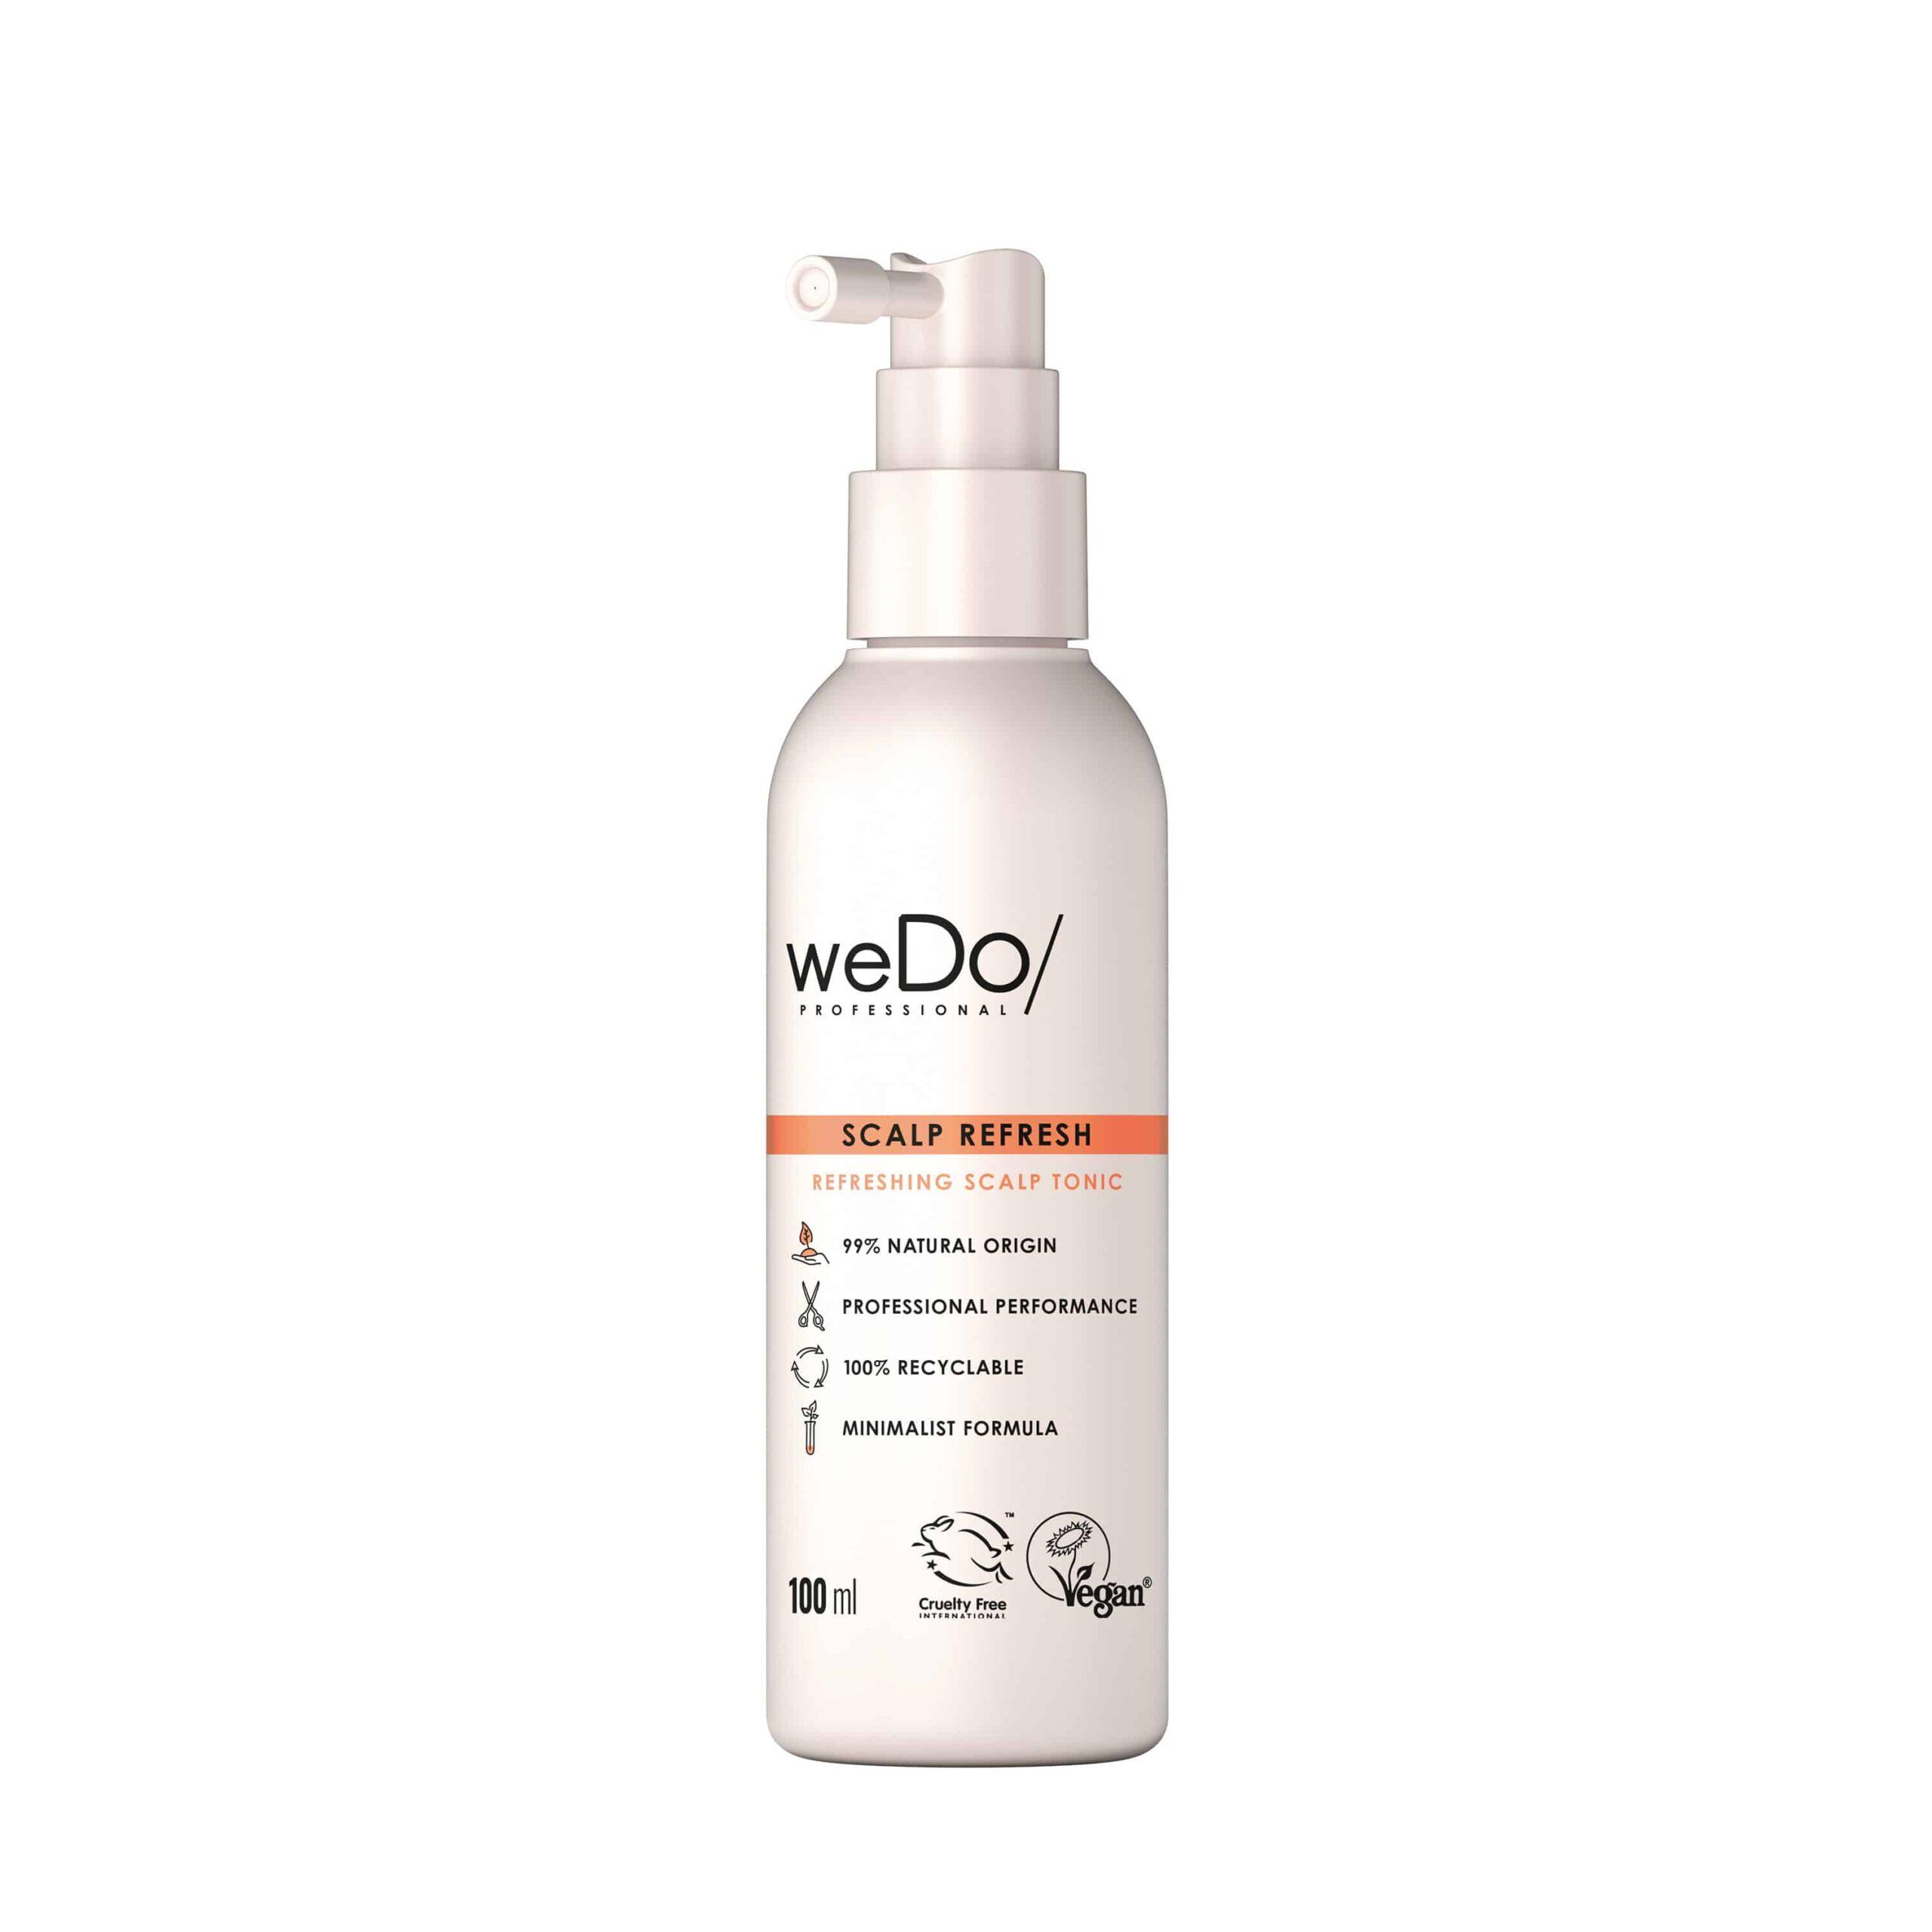 Scalp Refresh Tonic - das Extra an Feuchtigkeit und Erfrischung von weDo/